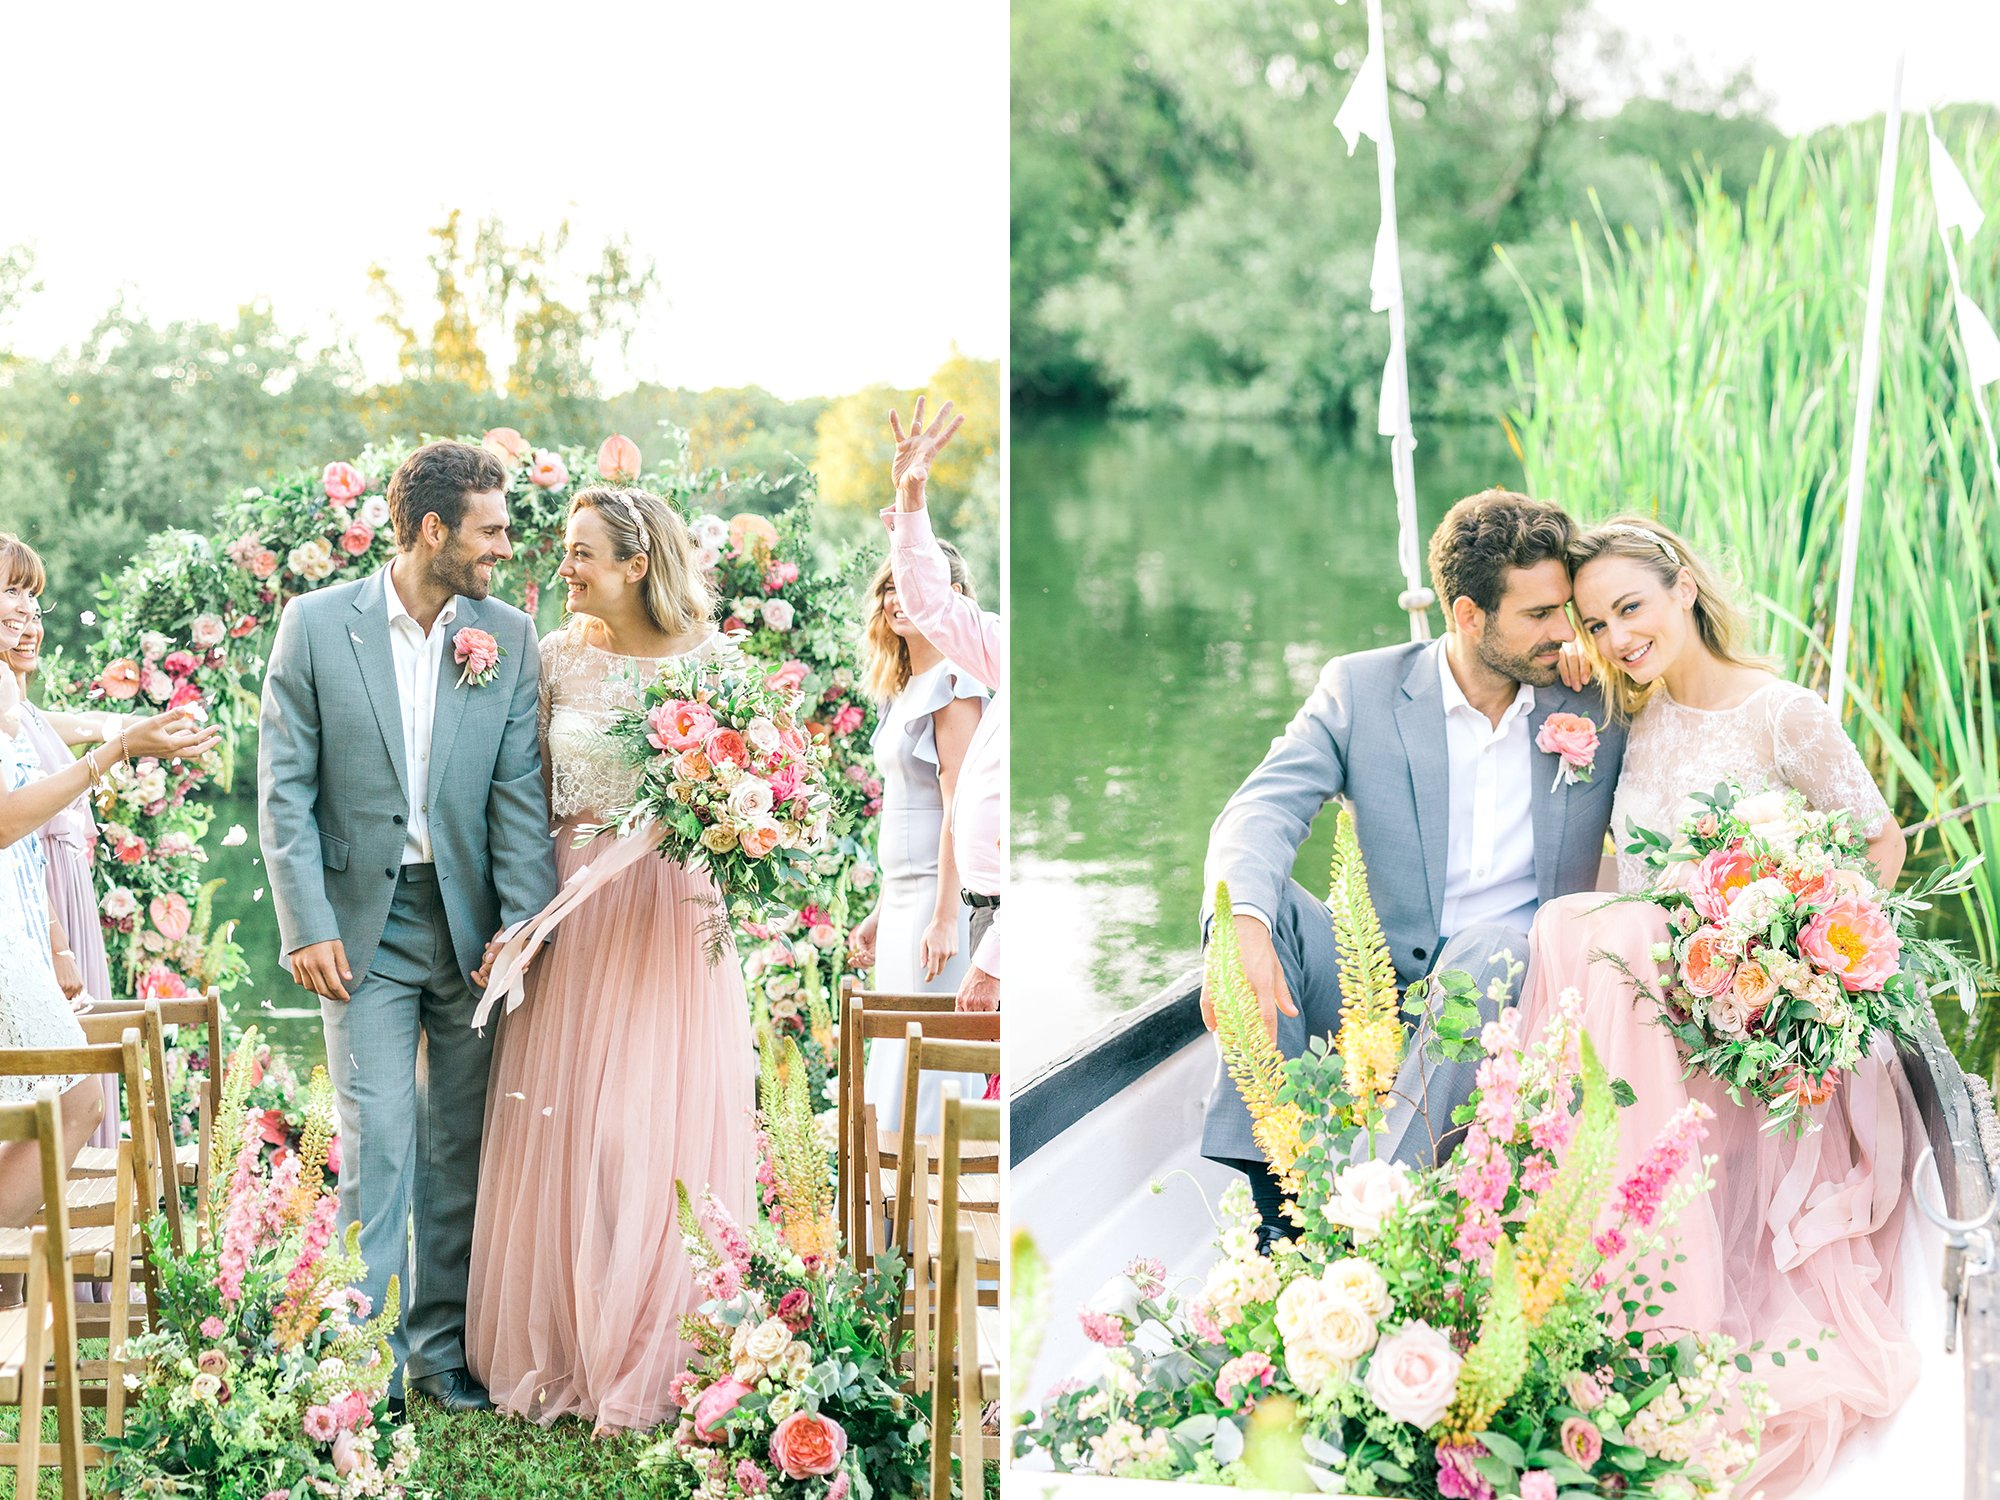 Lakeside Summer Wedding Inspiration   Flamboyant Invites